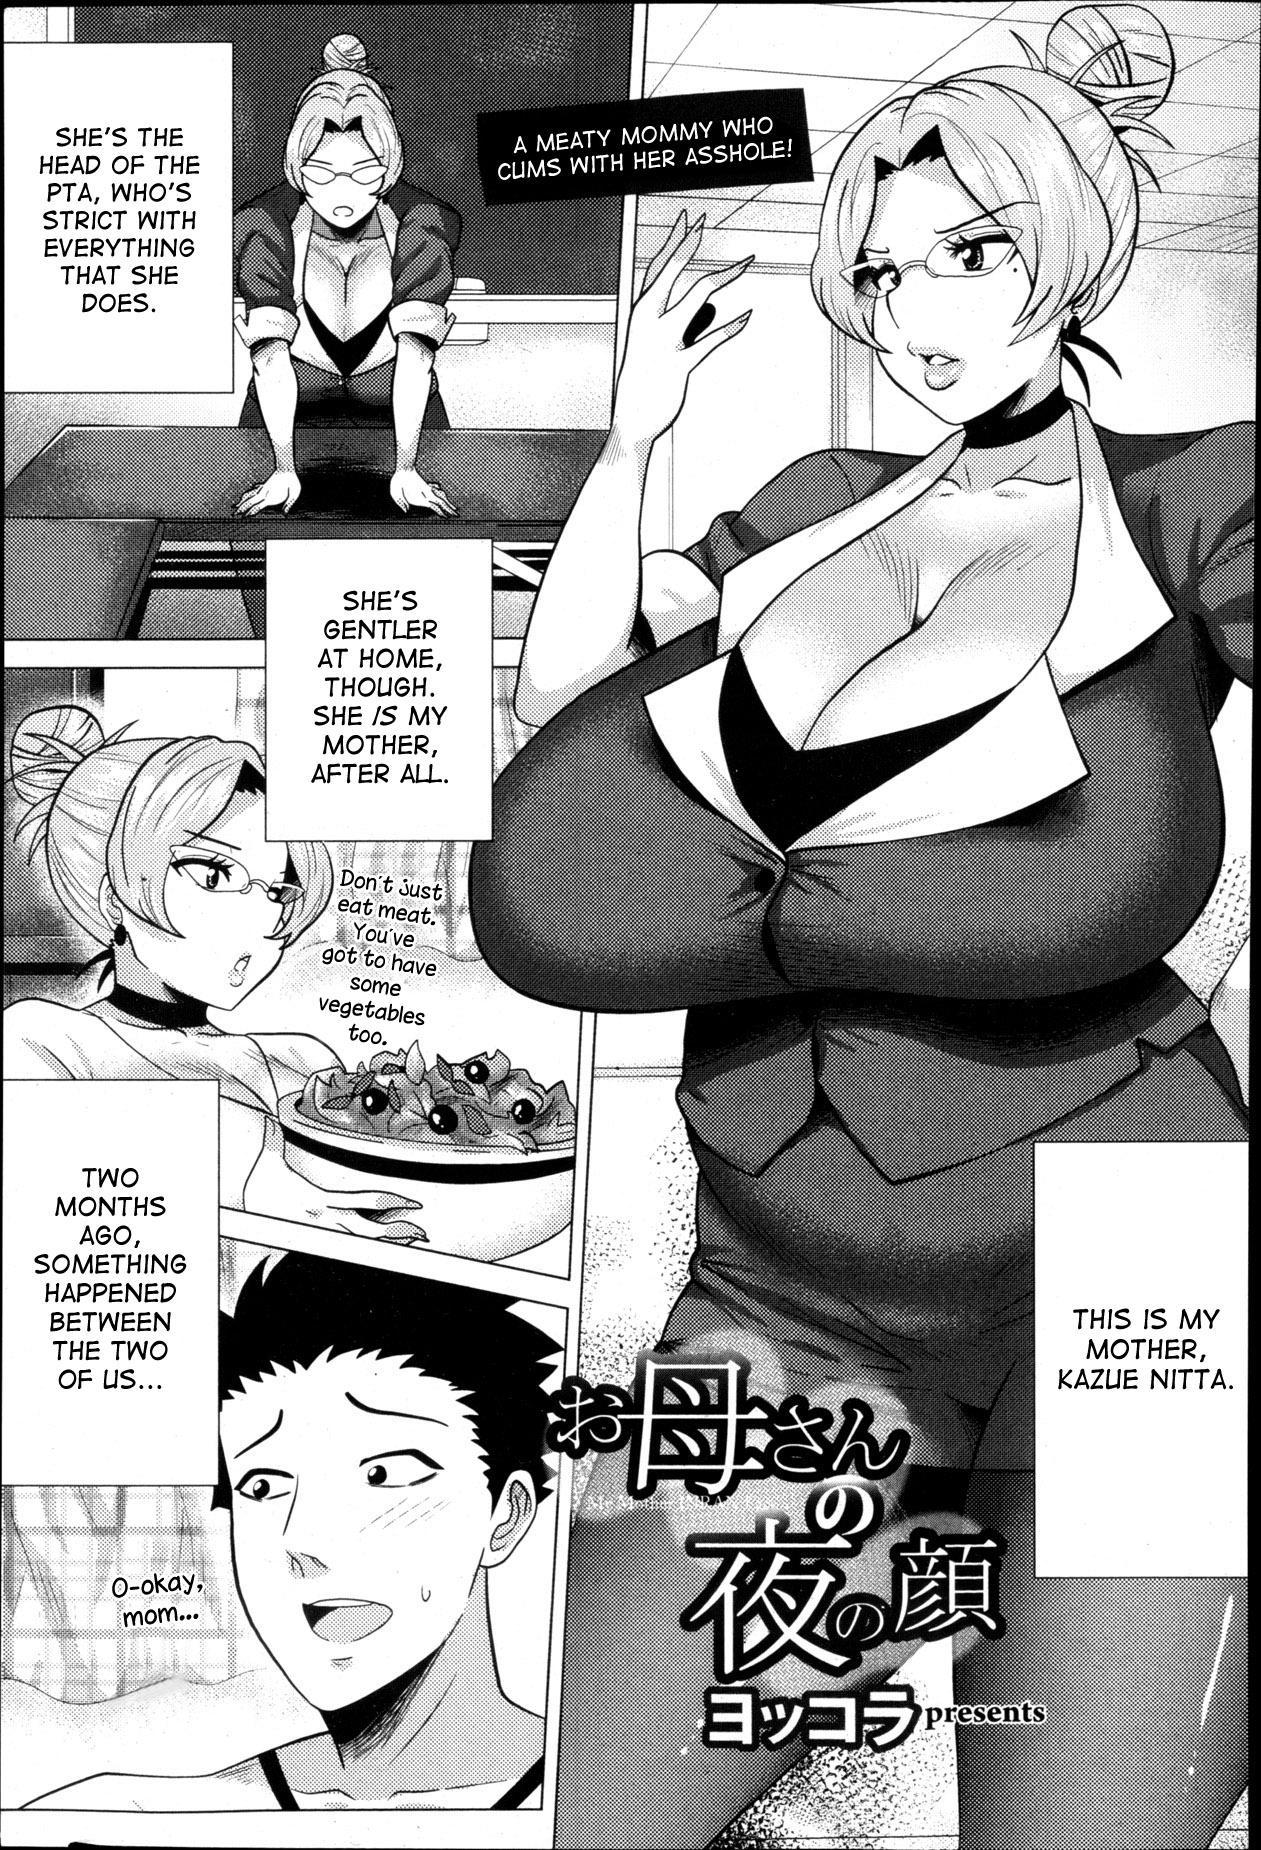 [Yokkora] Megabody Night ~Watashi no Oniku wo Meshiagare~ | Megabody Night ~My voluptuous body & mom love~ [English] {Laruffi + desudesu + EHCOVE} 91